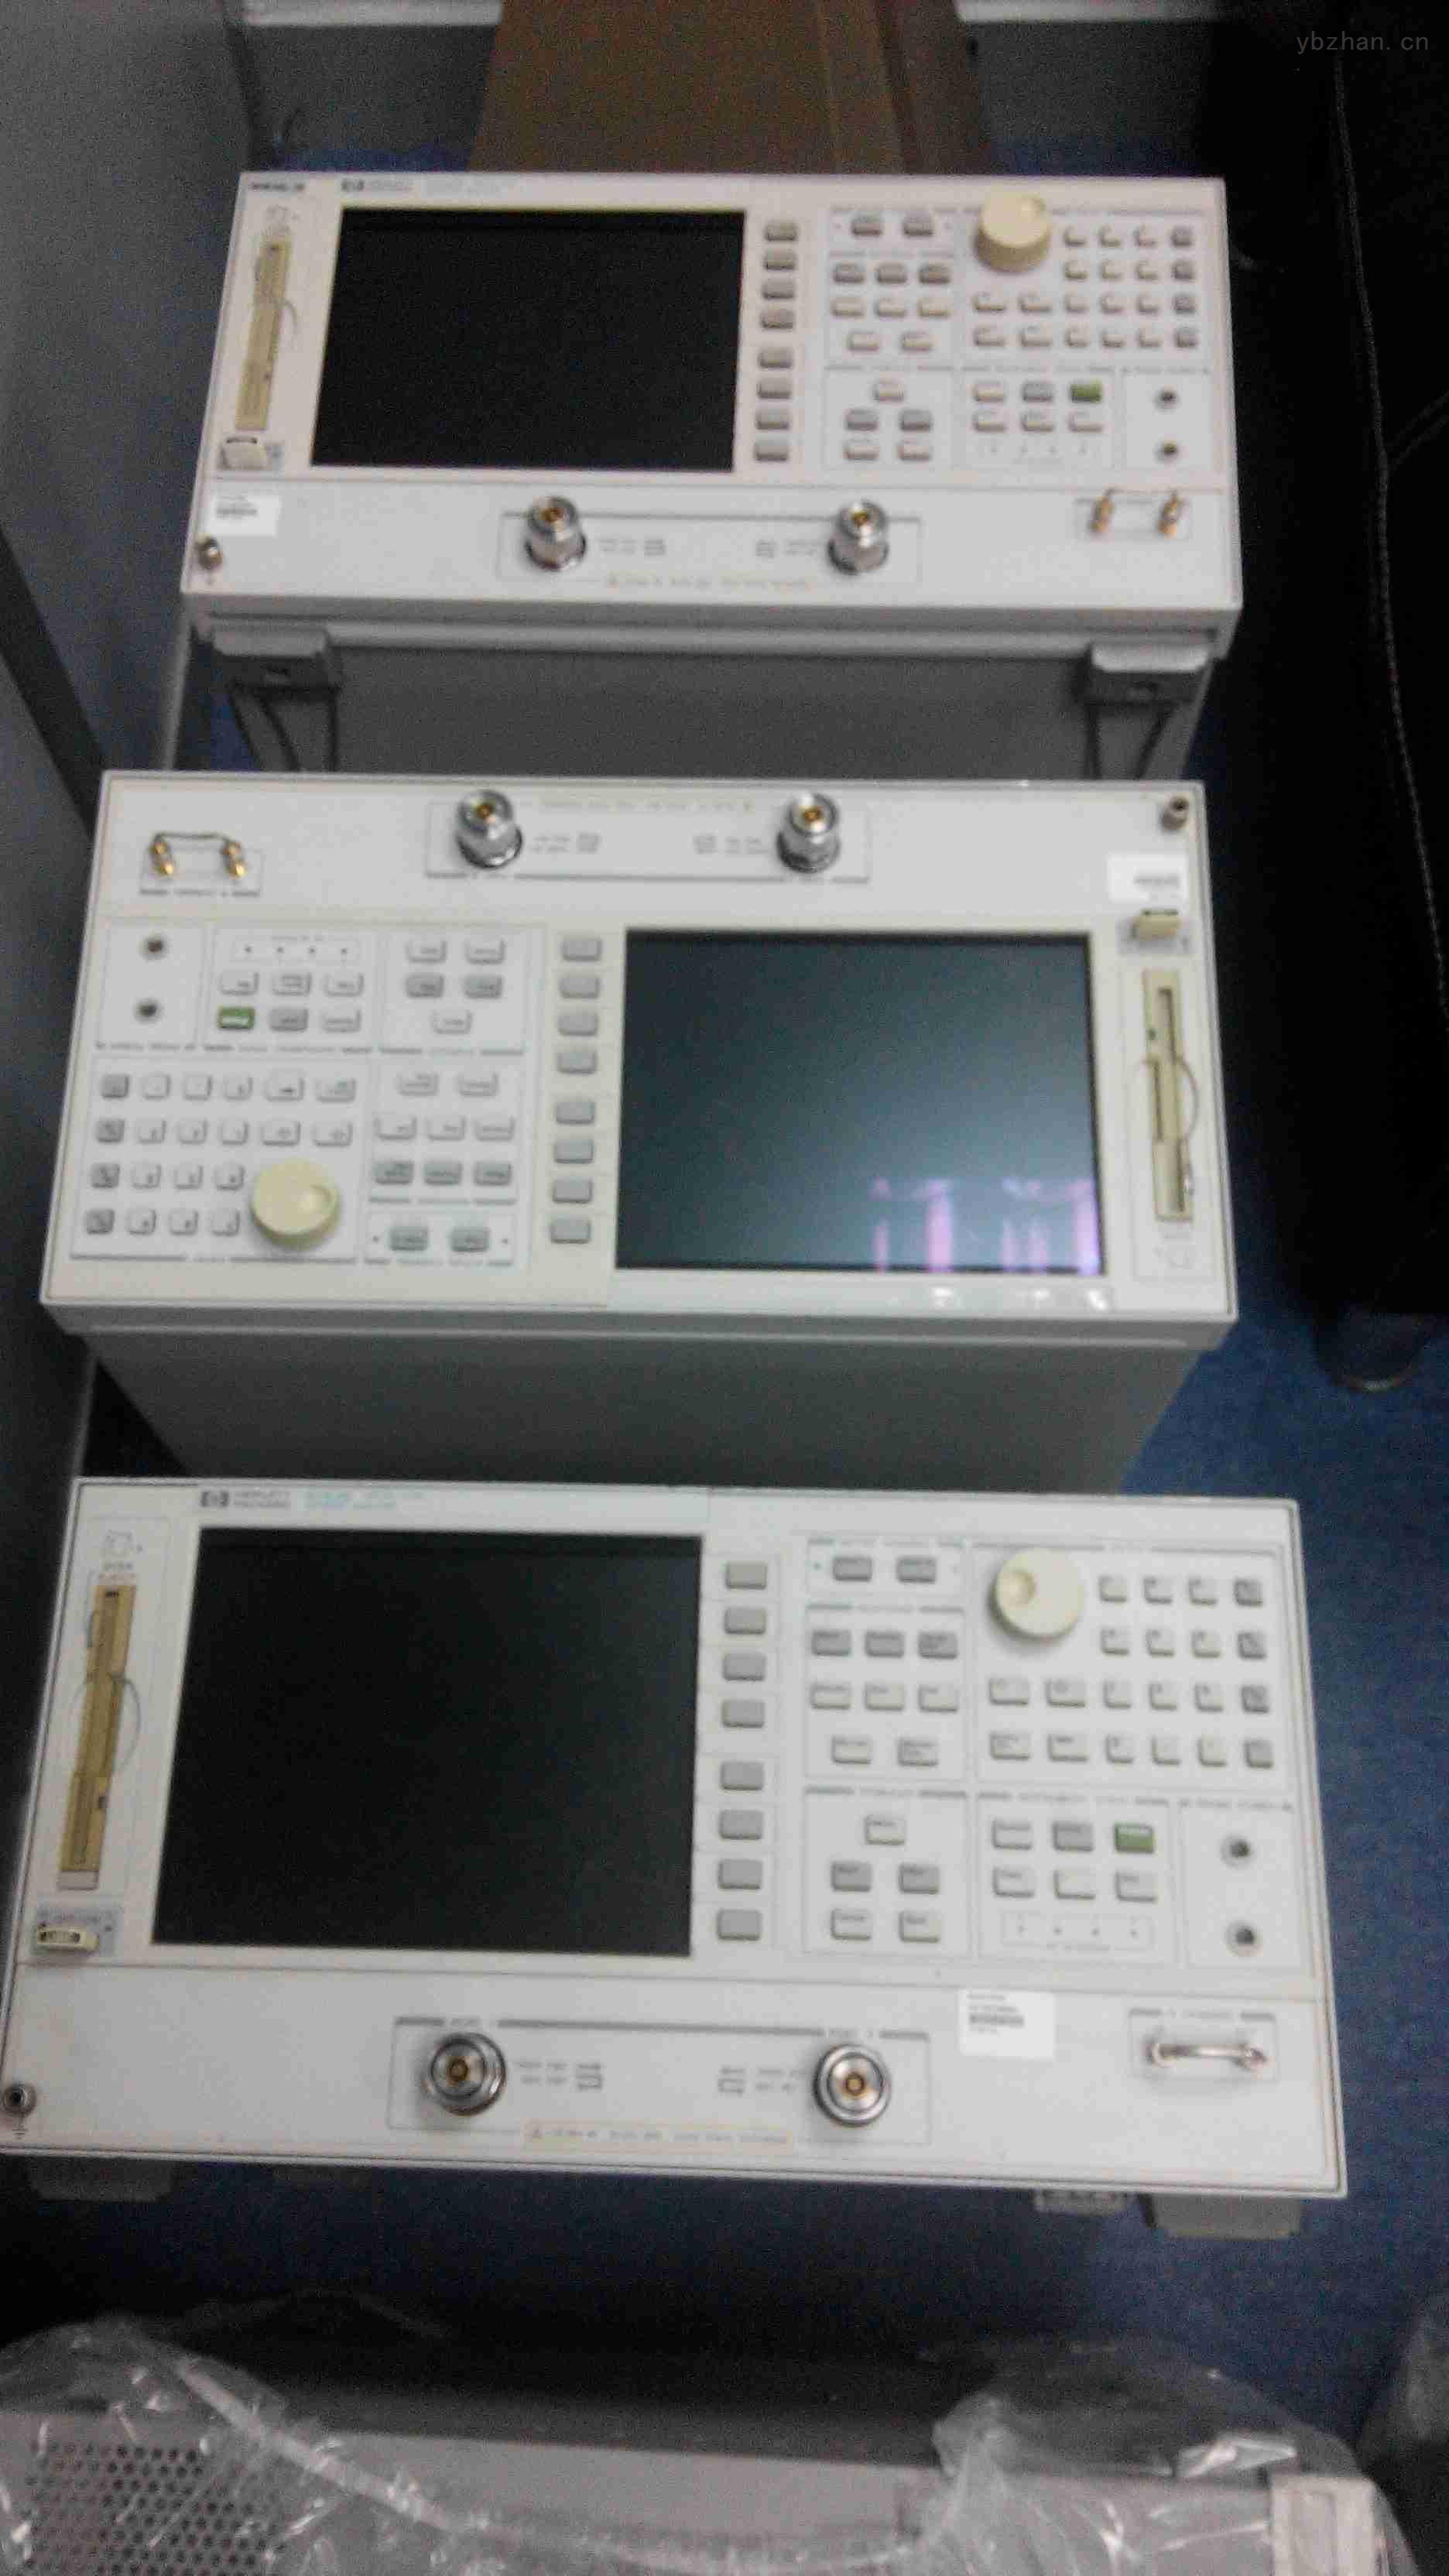 产品名称:网络分析仪 品 牌:HP/agilent安捷伦 产品型号: 8753E 仪器产地: 美国 技术指标:30KHz-3GHz/6GHz Agilent 8753E|HP-8753E 3G|6G射频网络分析仪 30kHz-3G/6GHz *频率范围:30kHz~3或6GHz *带有固态转换的集成化S参数测试装置 *达110dB的动态范围 *快的测量速度和数据传递速率 *大屏幕LCD显示器加上供外部监视器用的VGA输出 *同时显示所有4个S参数 *将仪器状态和数据存储/调用到内置软盘驱动器 *可选用的时